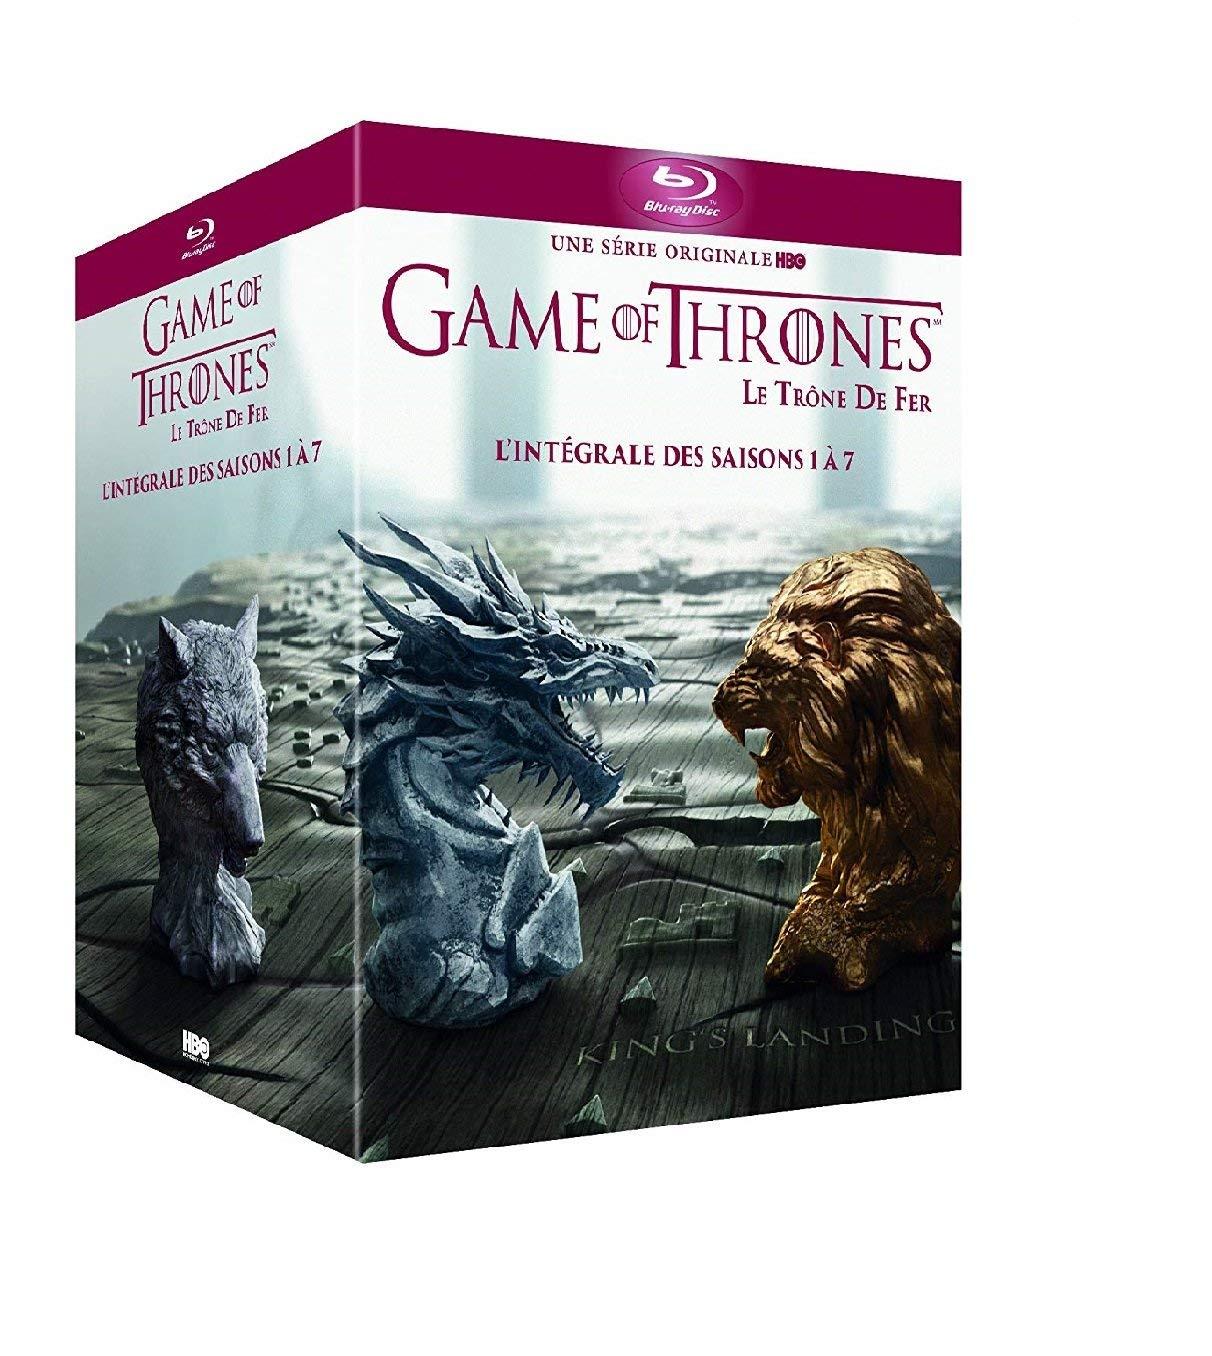 Game Of Thrones Blu-Ray Boxset Seizoen 1 t/m 7 voor 39,99 - DVD versie 29,99